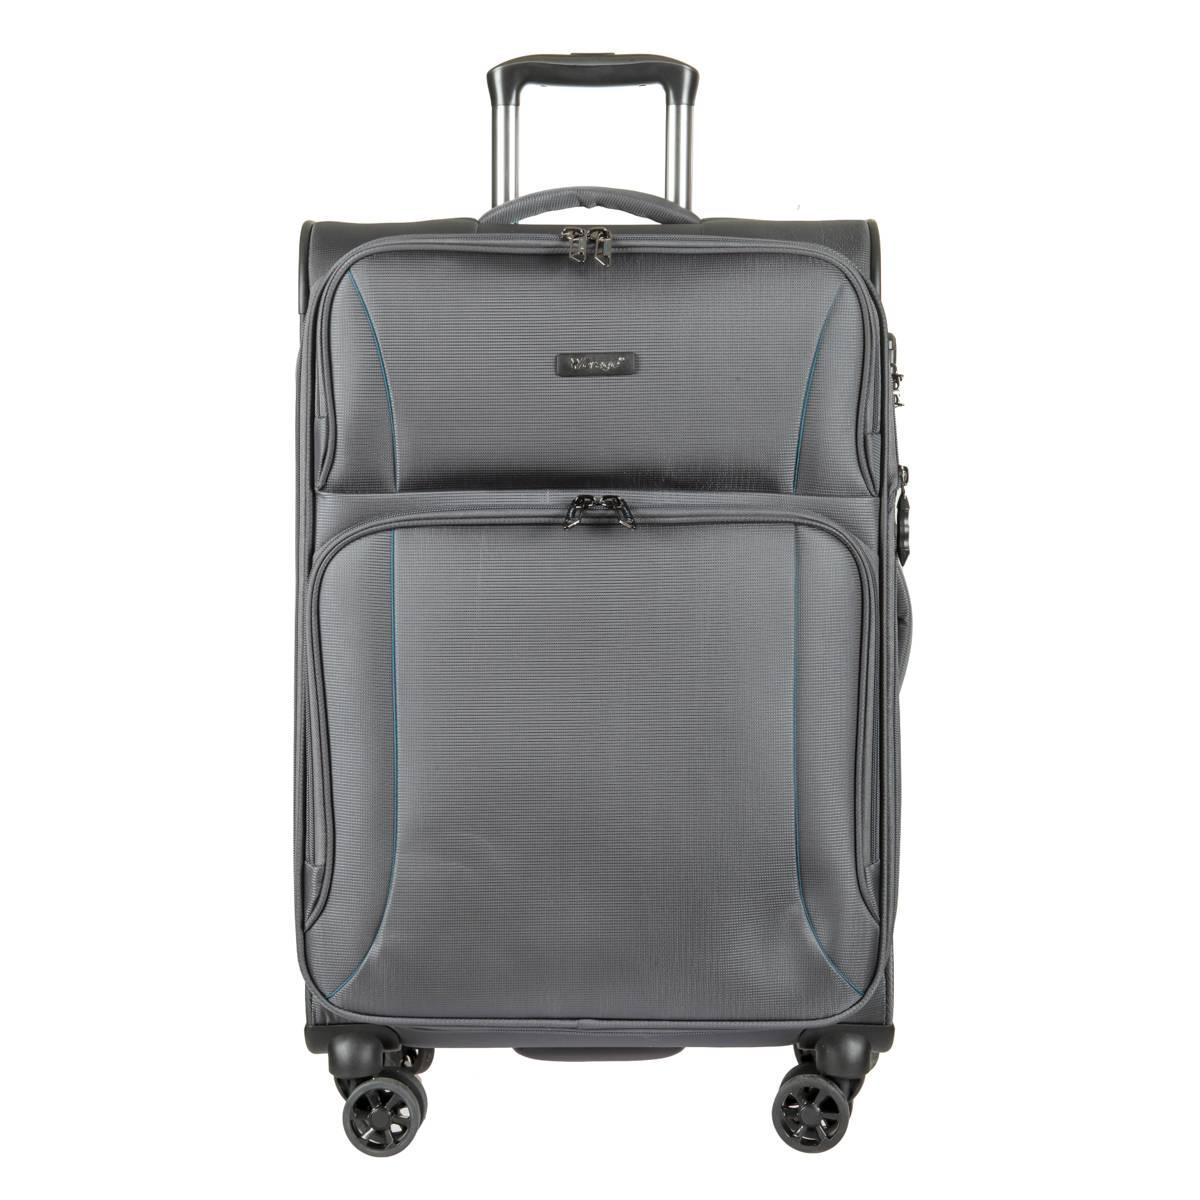 f6fd6efc4710 Чемодан Купить в Могилеве -17%, низкие цены на чемоданы на колесиках ...